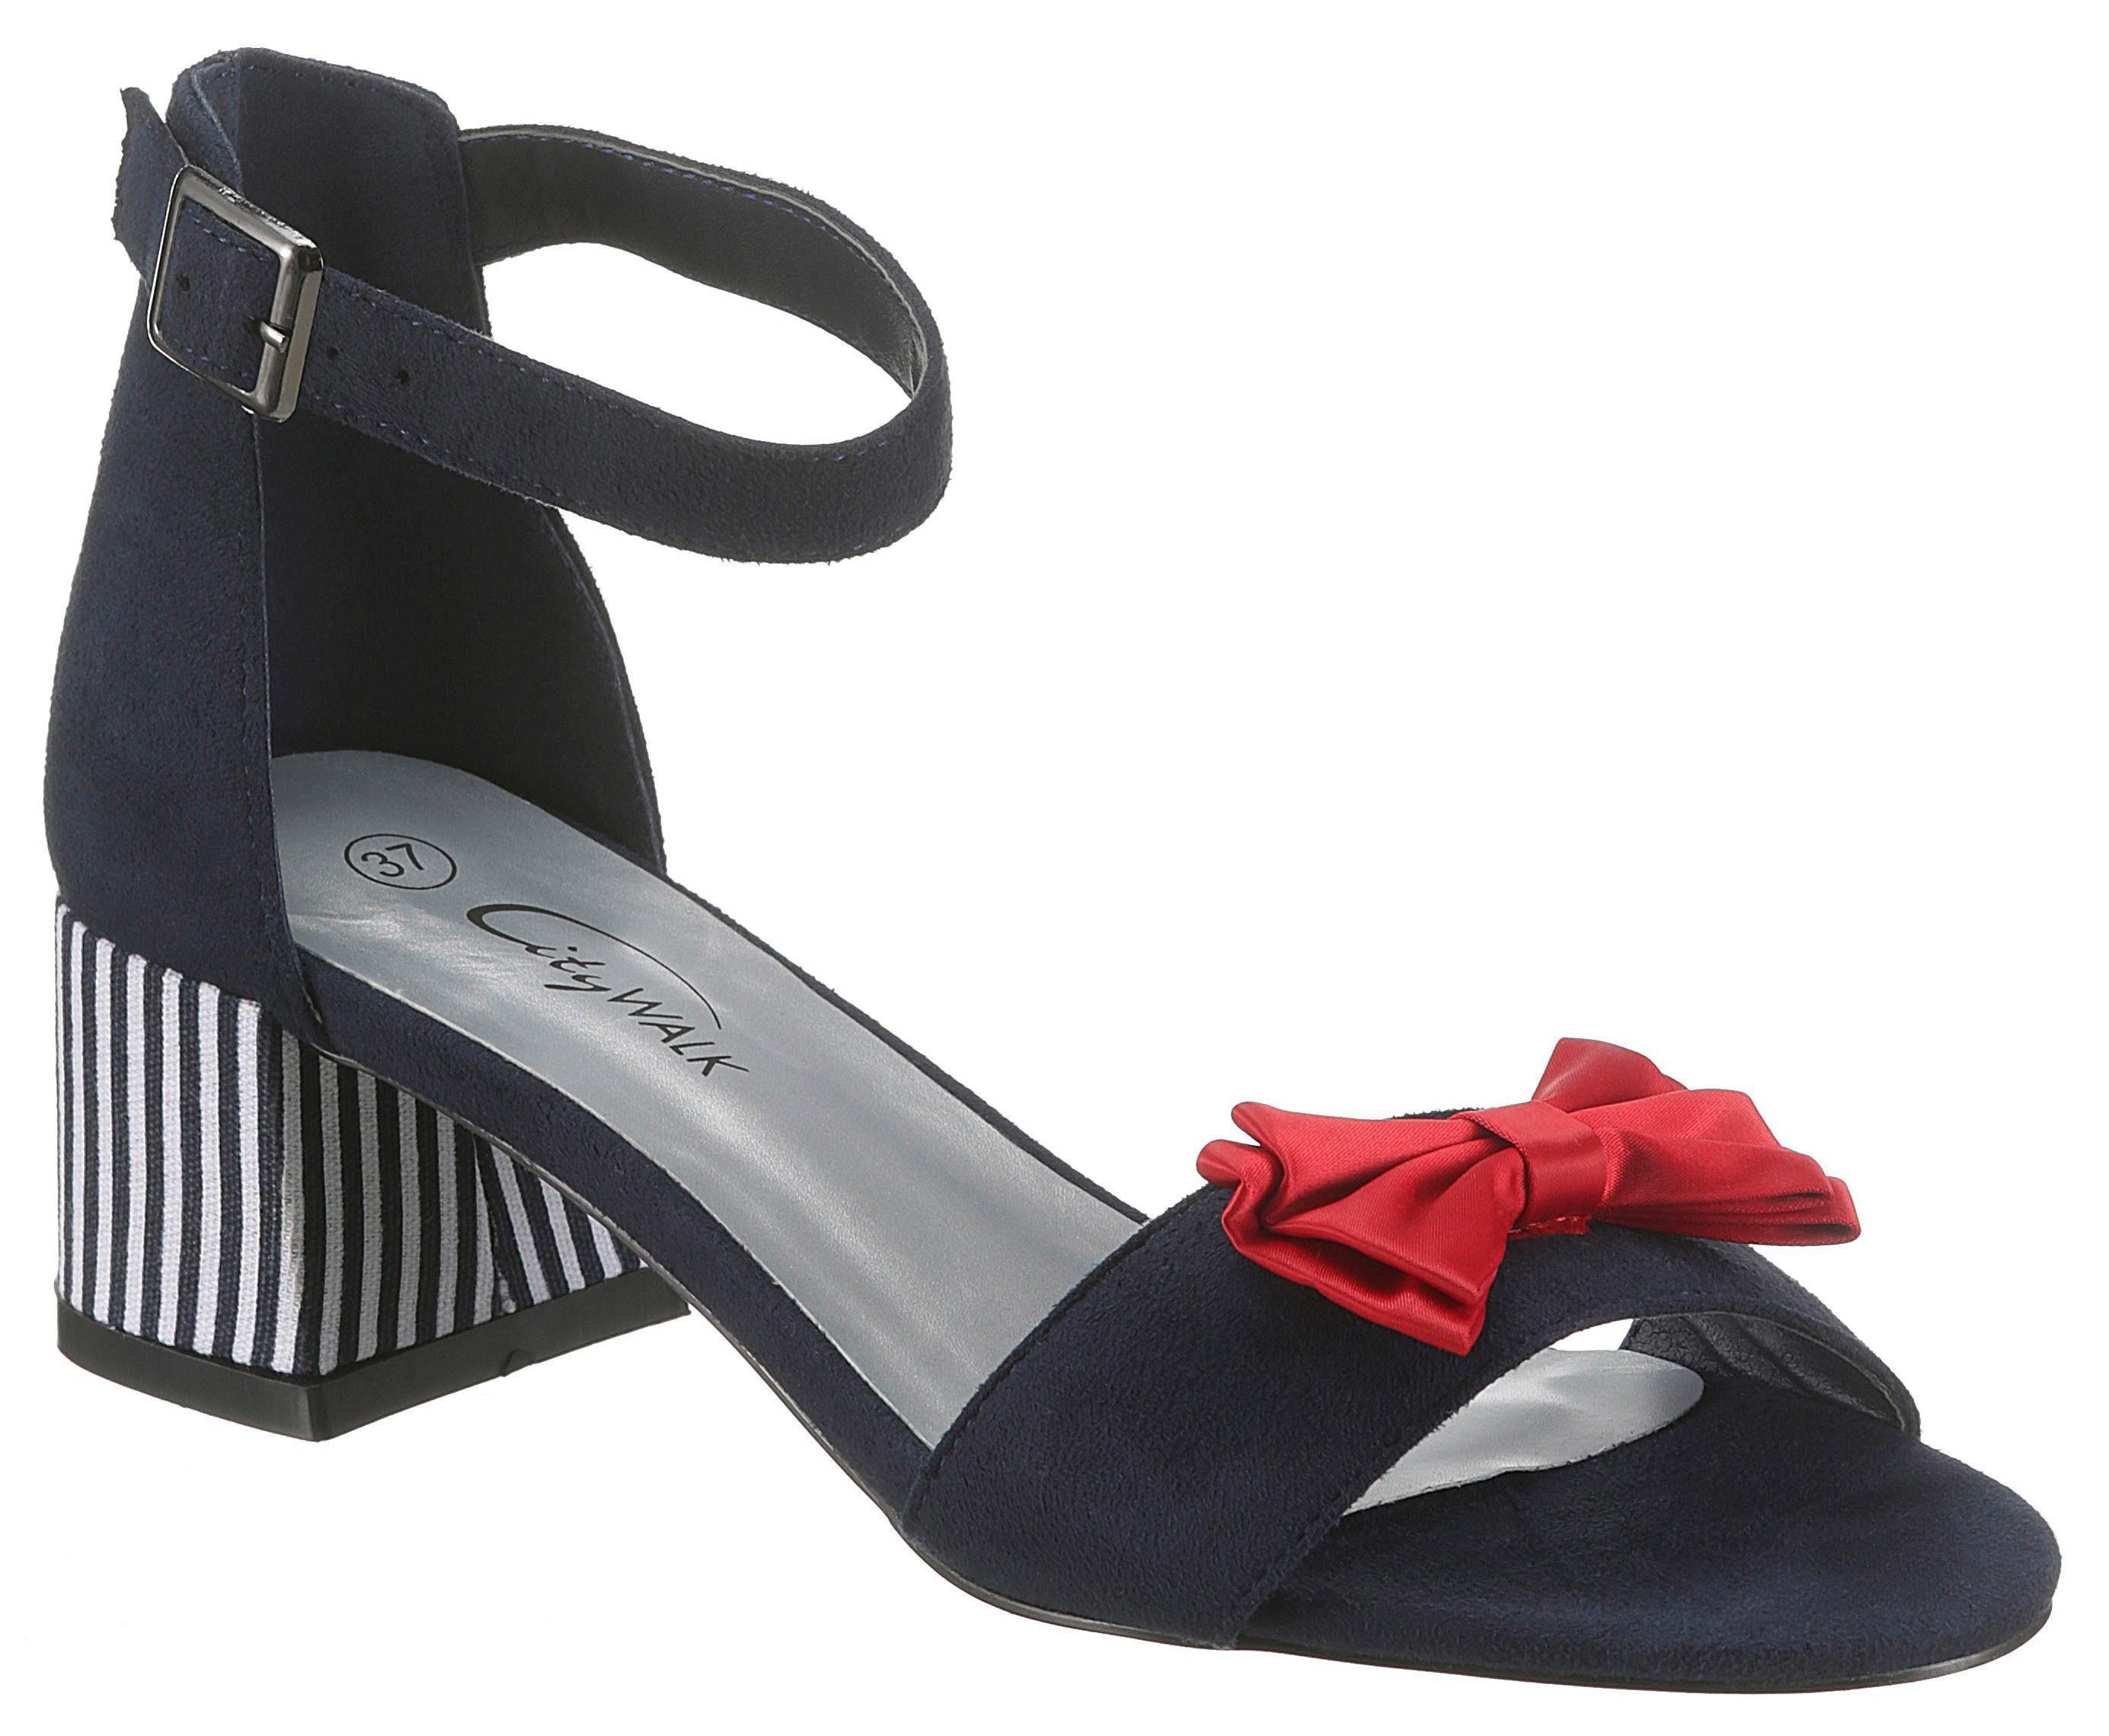 CITY WALK Sandalette mit roter Zierschleife